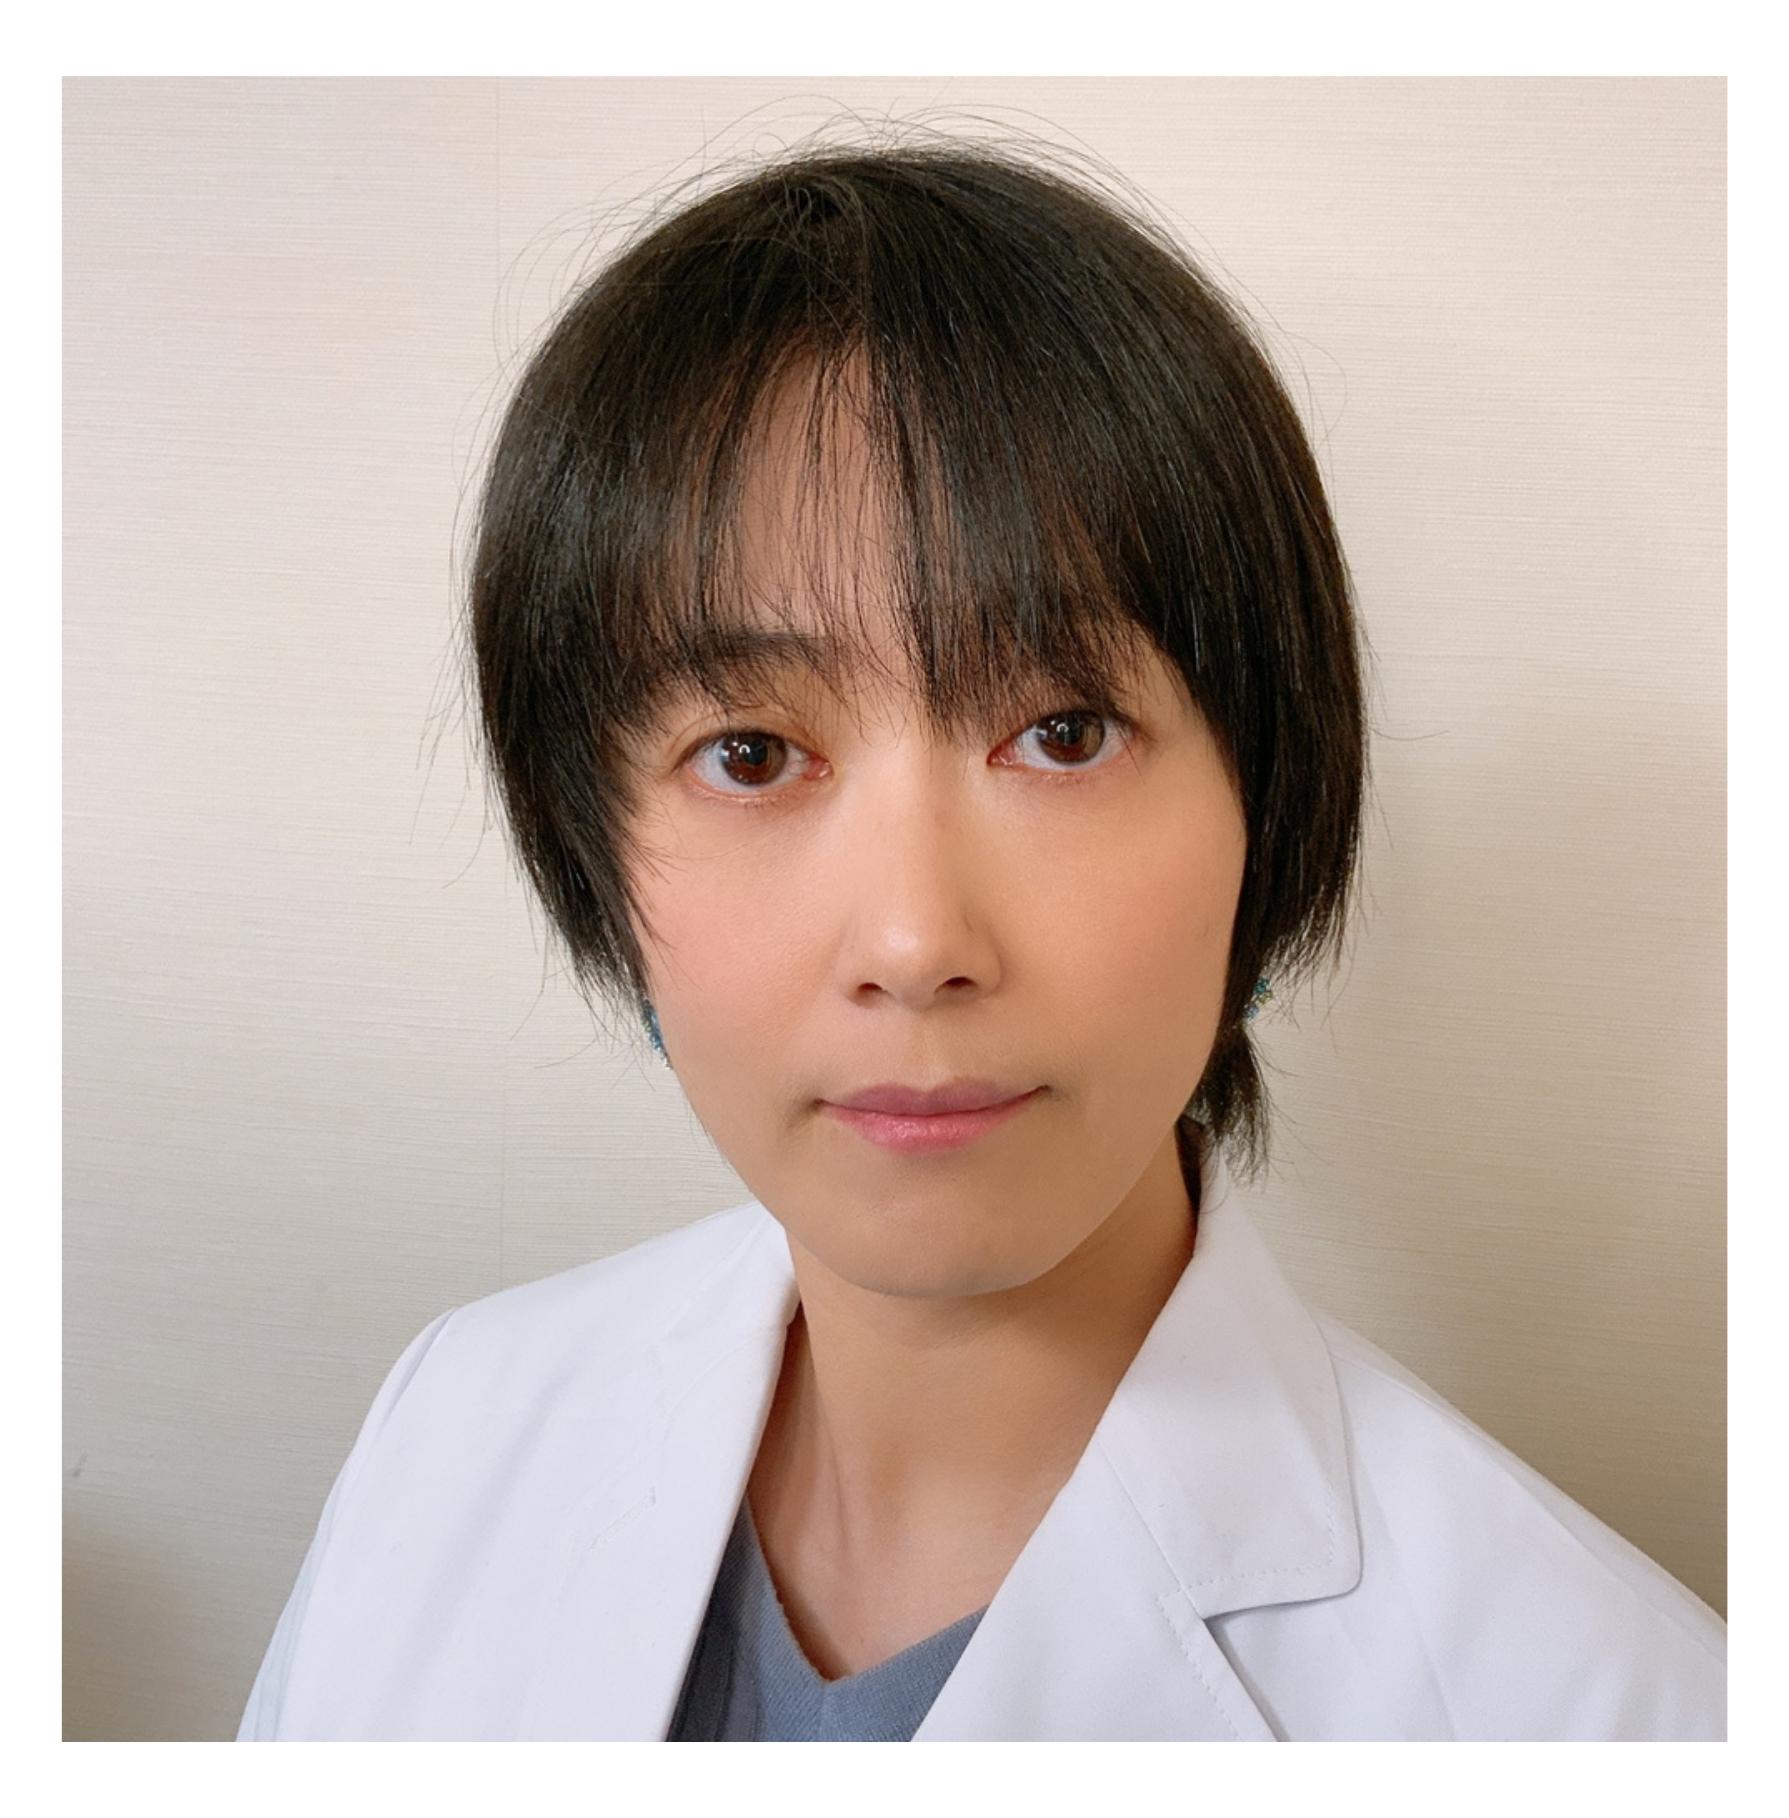 精神保健指定医/日本精神神経学会専門医・指導医